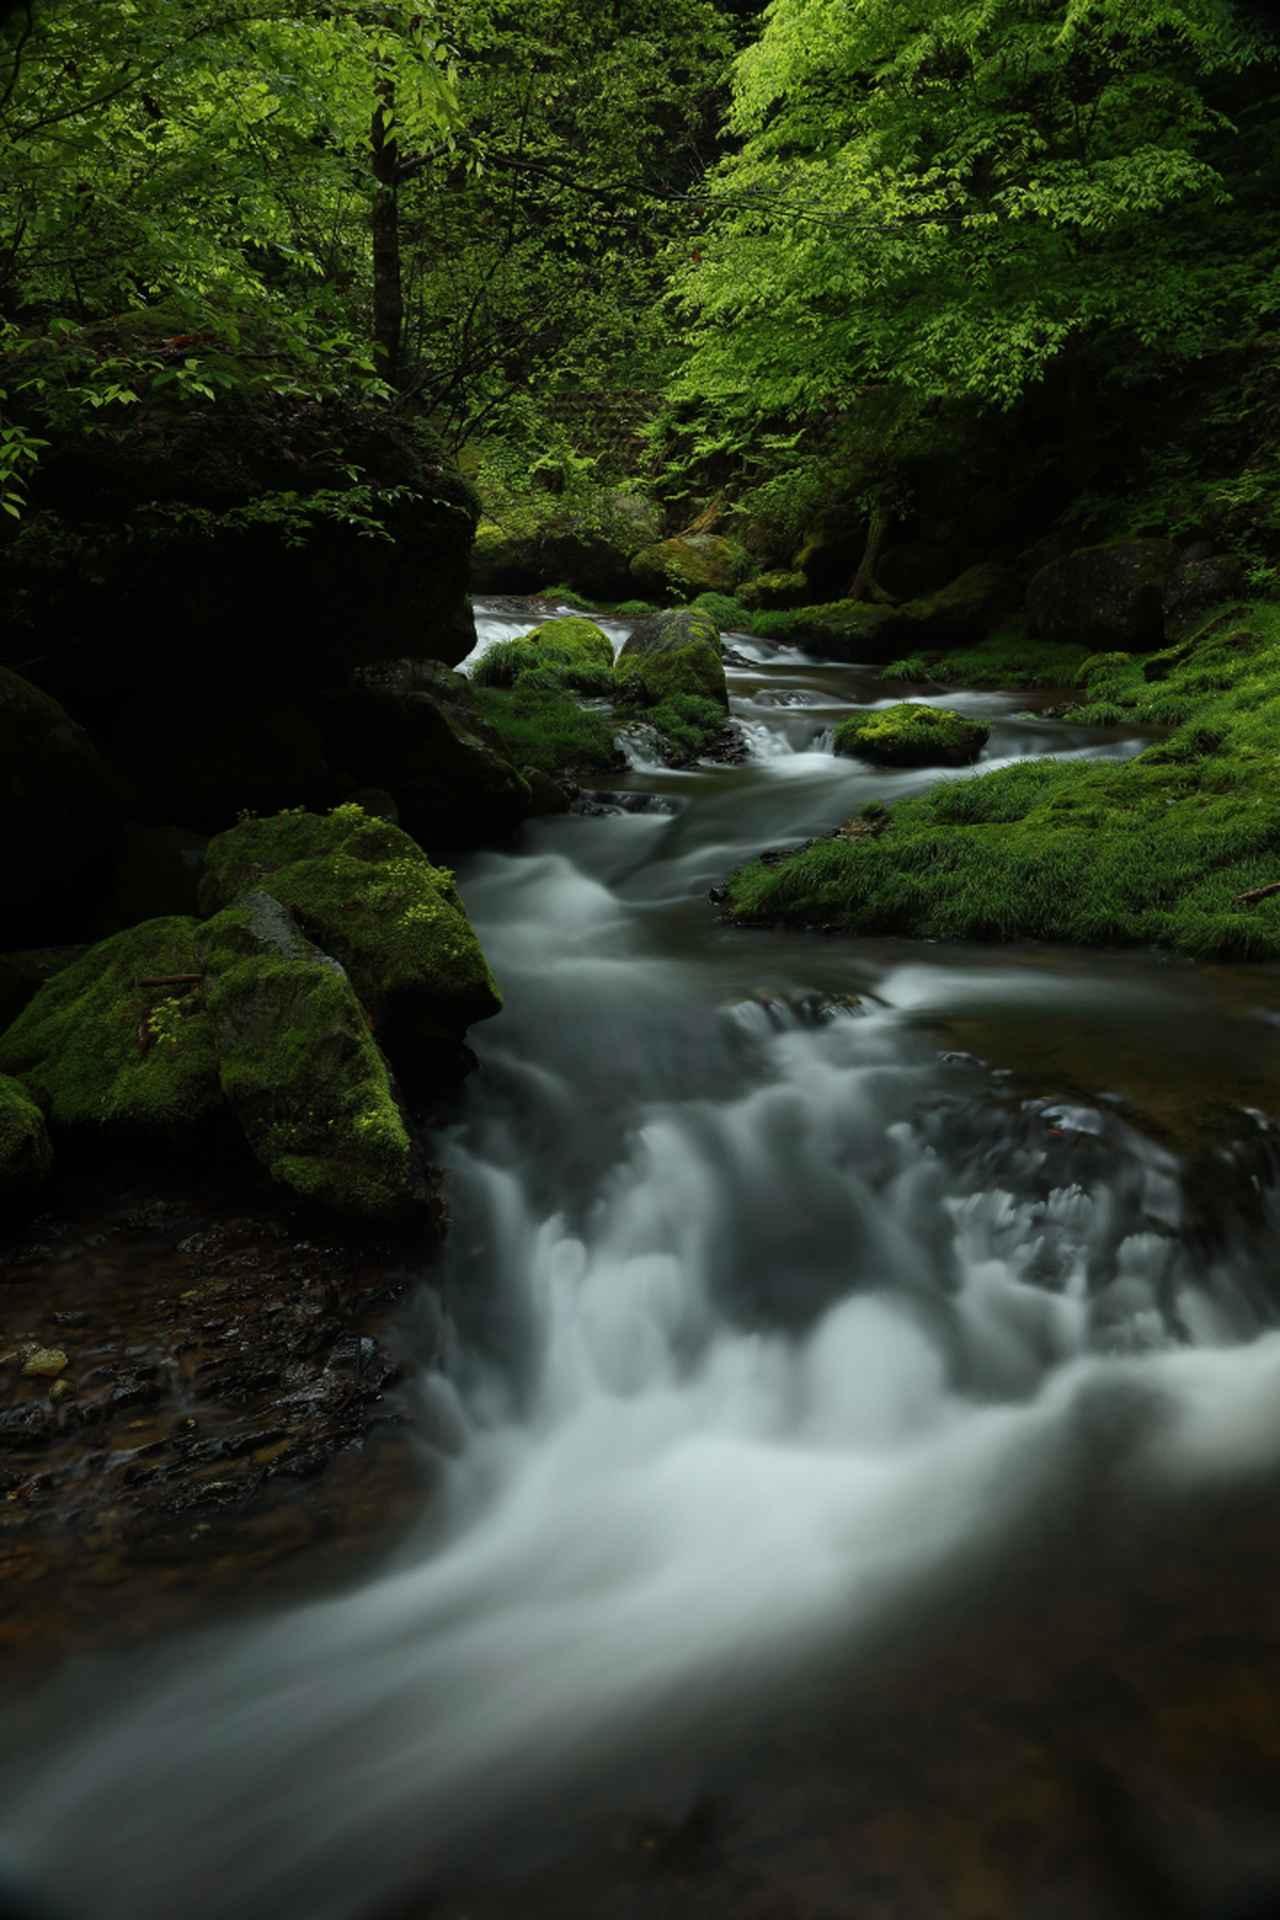 画像2: 青山佳弘講師の撮影写真